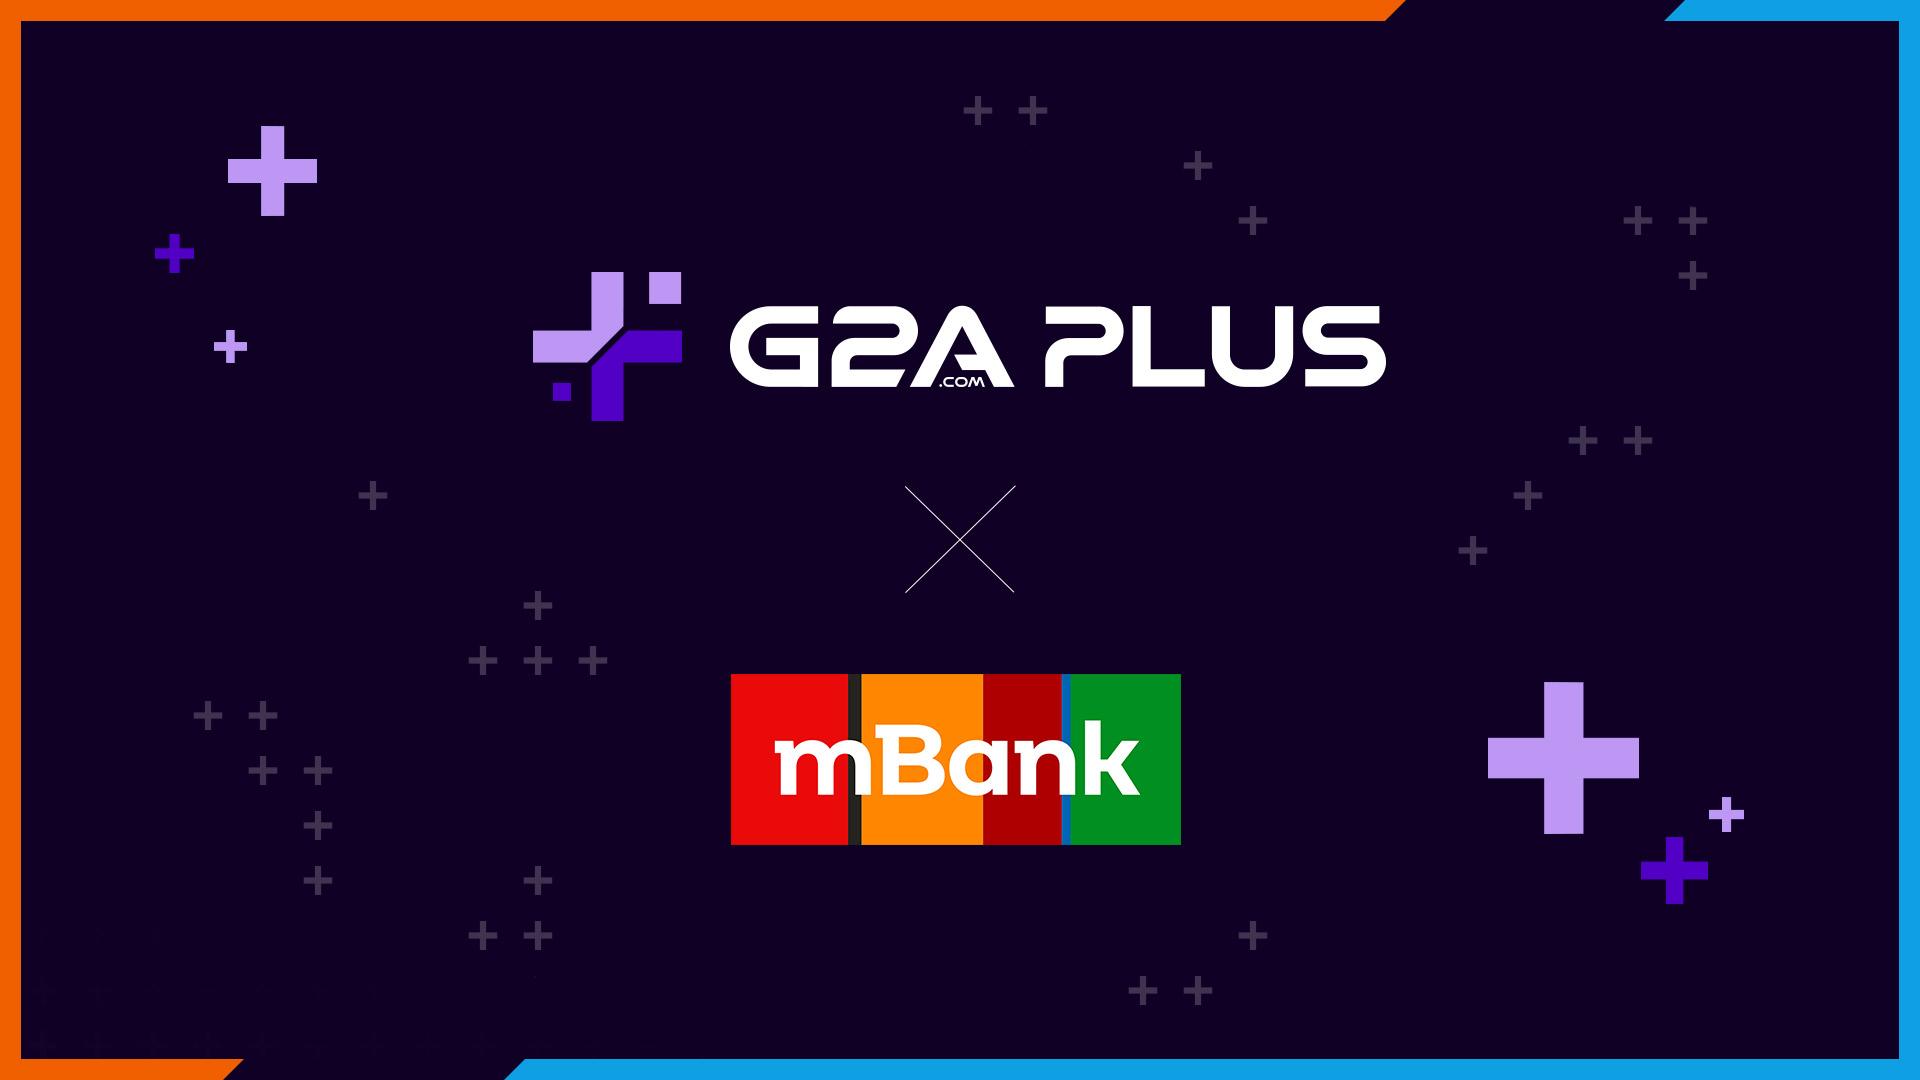 G2A i mBank oferują nowe konta dla graczy ze zniżkami na gry